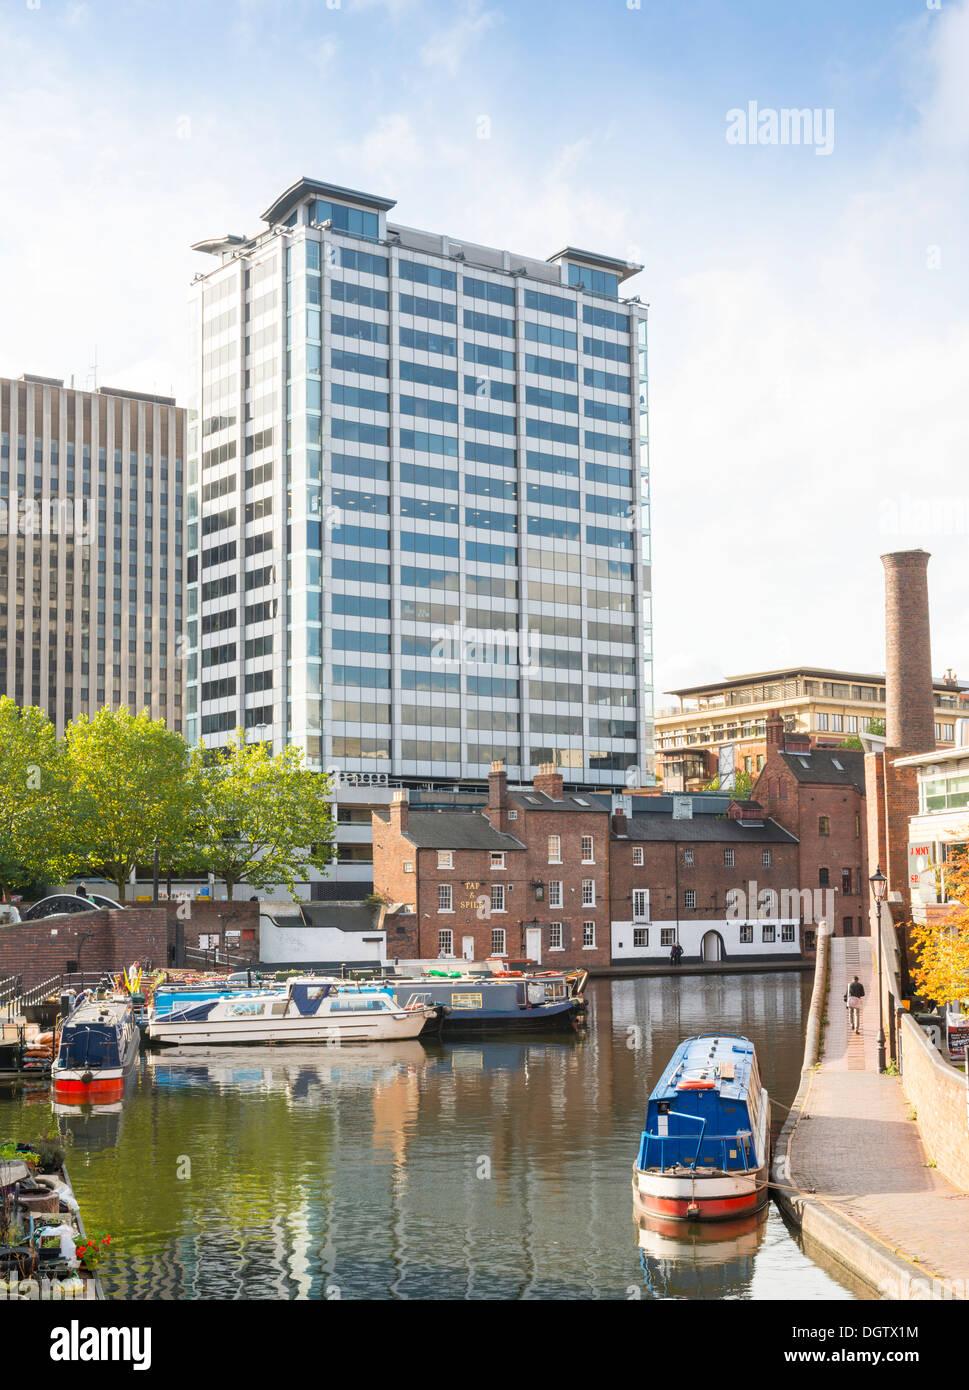 Bâtiment à quai comme vu à partir de gaz naturel du bassin de la rue, Birmingham, West Midlands, England, UK Photo Stock